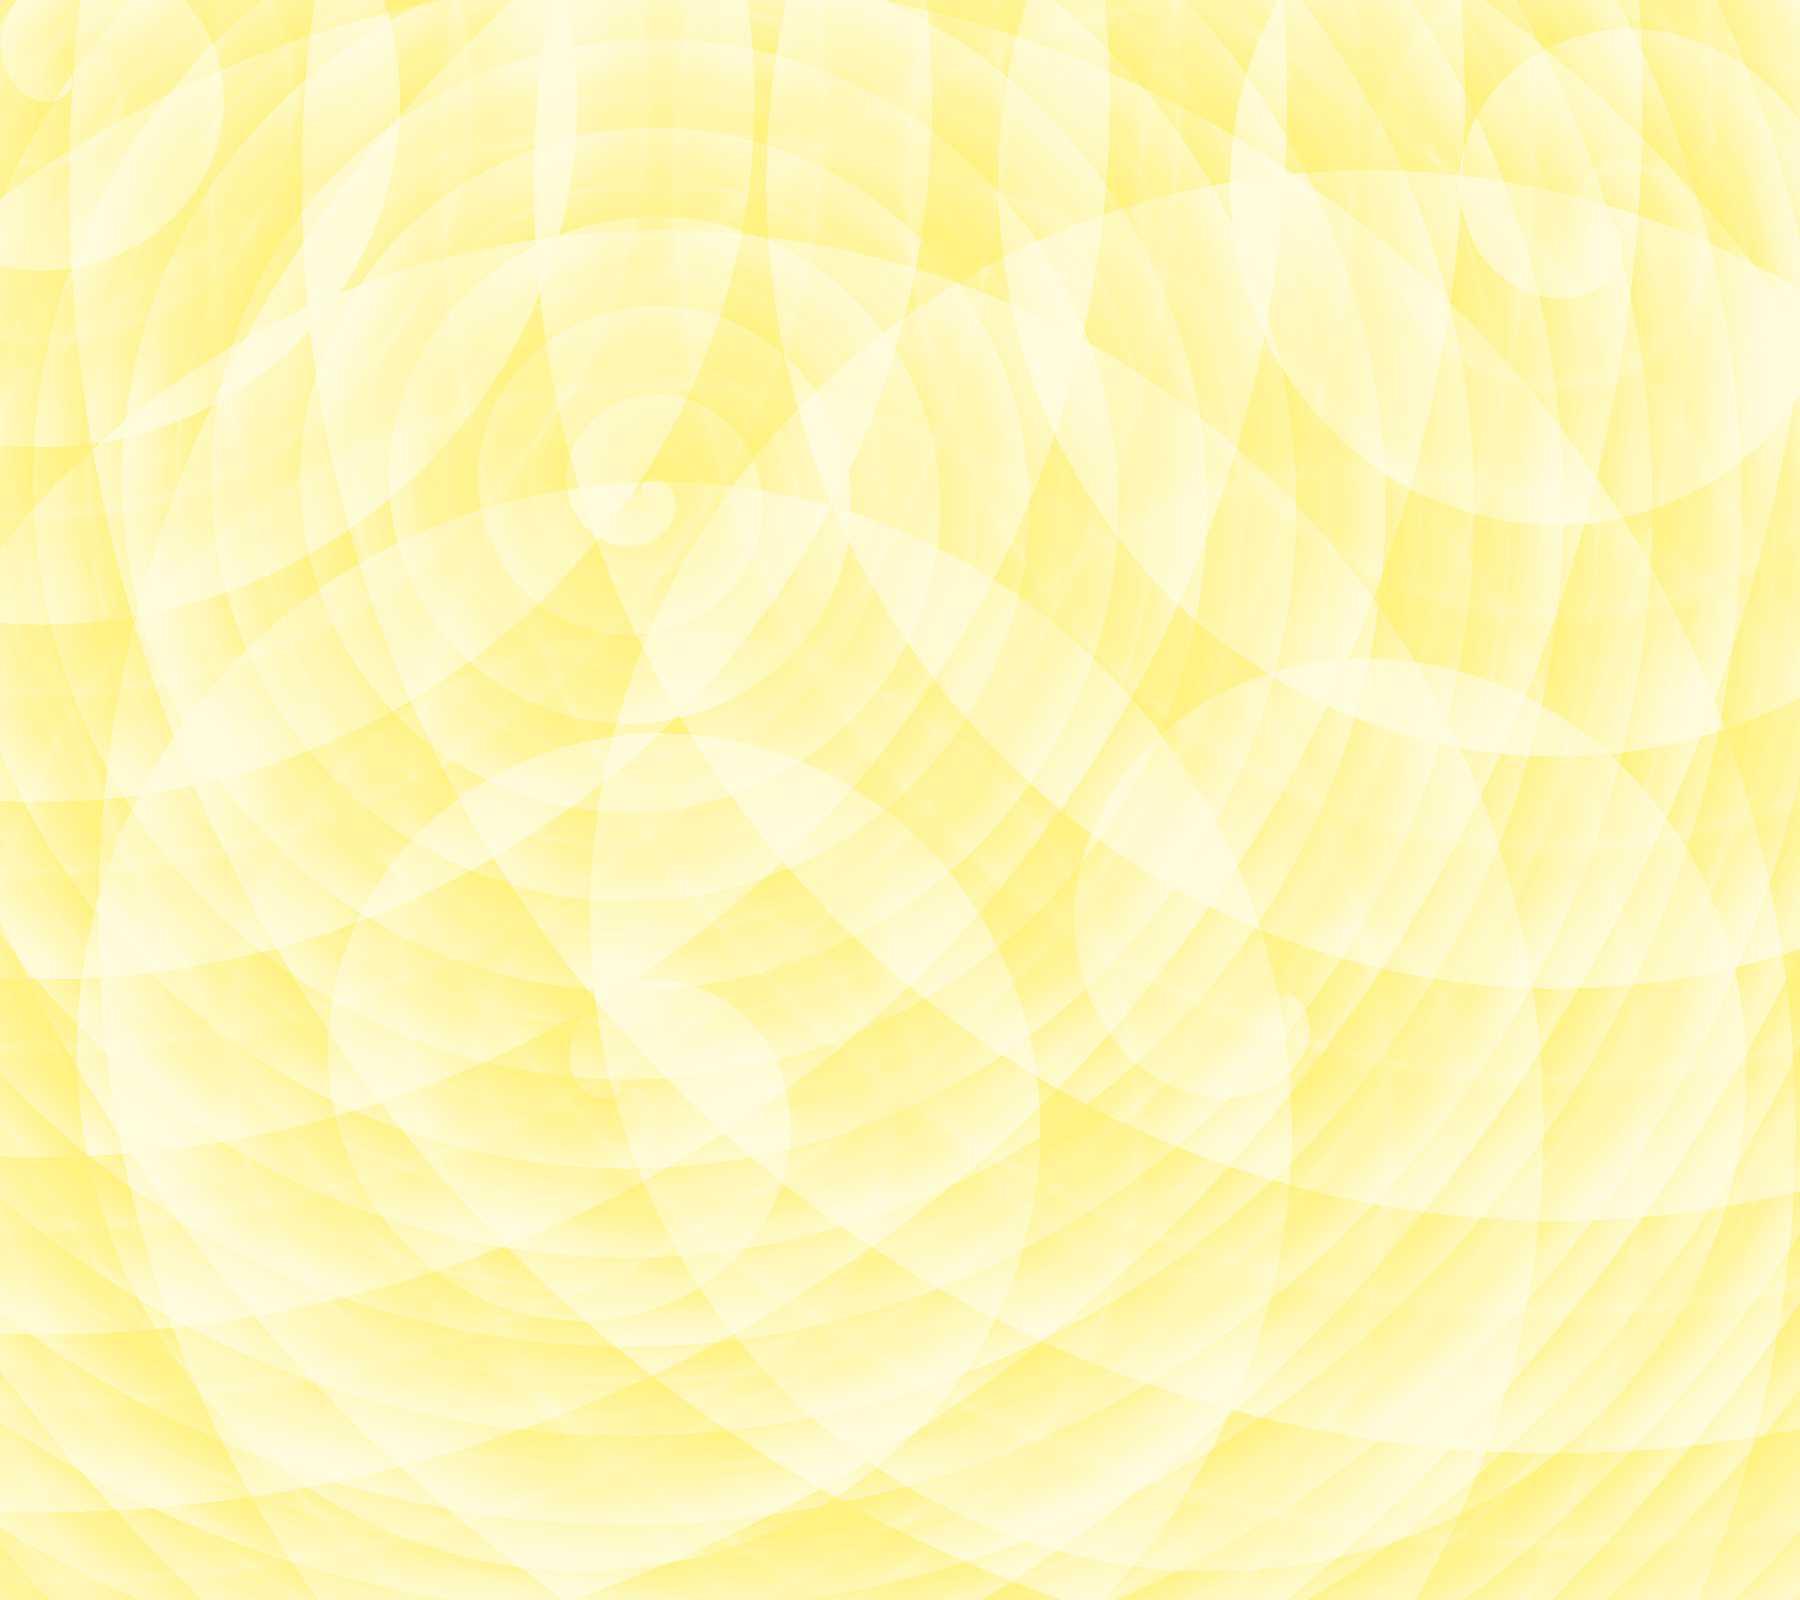 Yellow Random Spiral Swirls Background 1800x1600